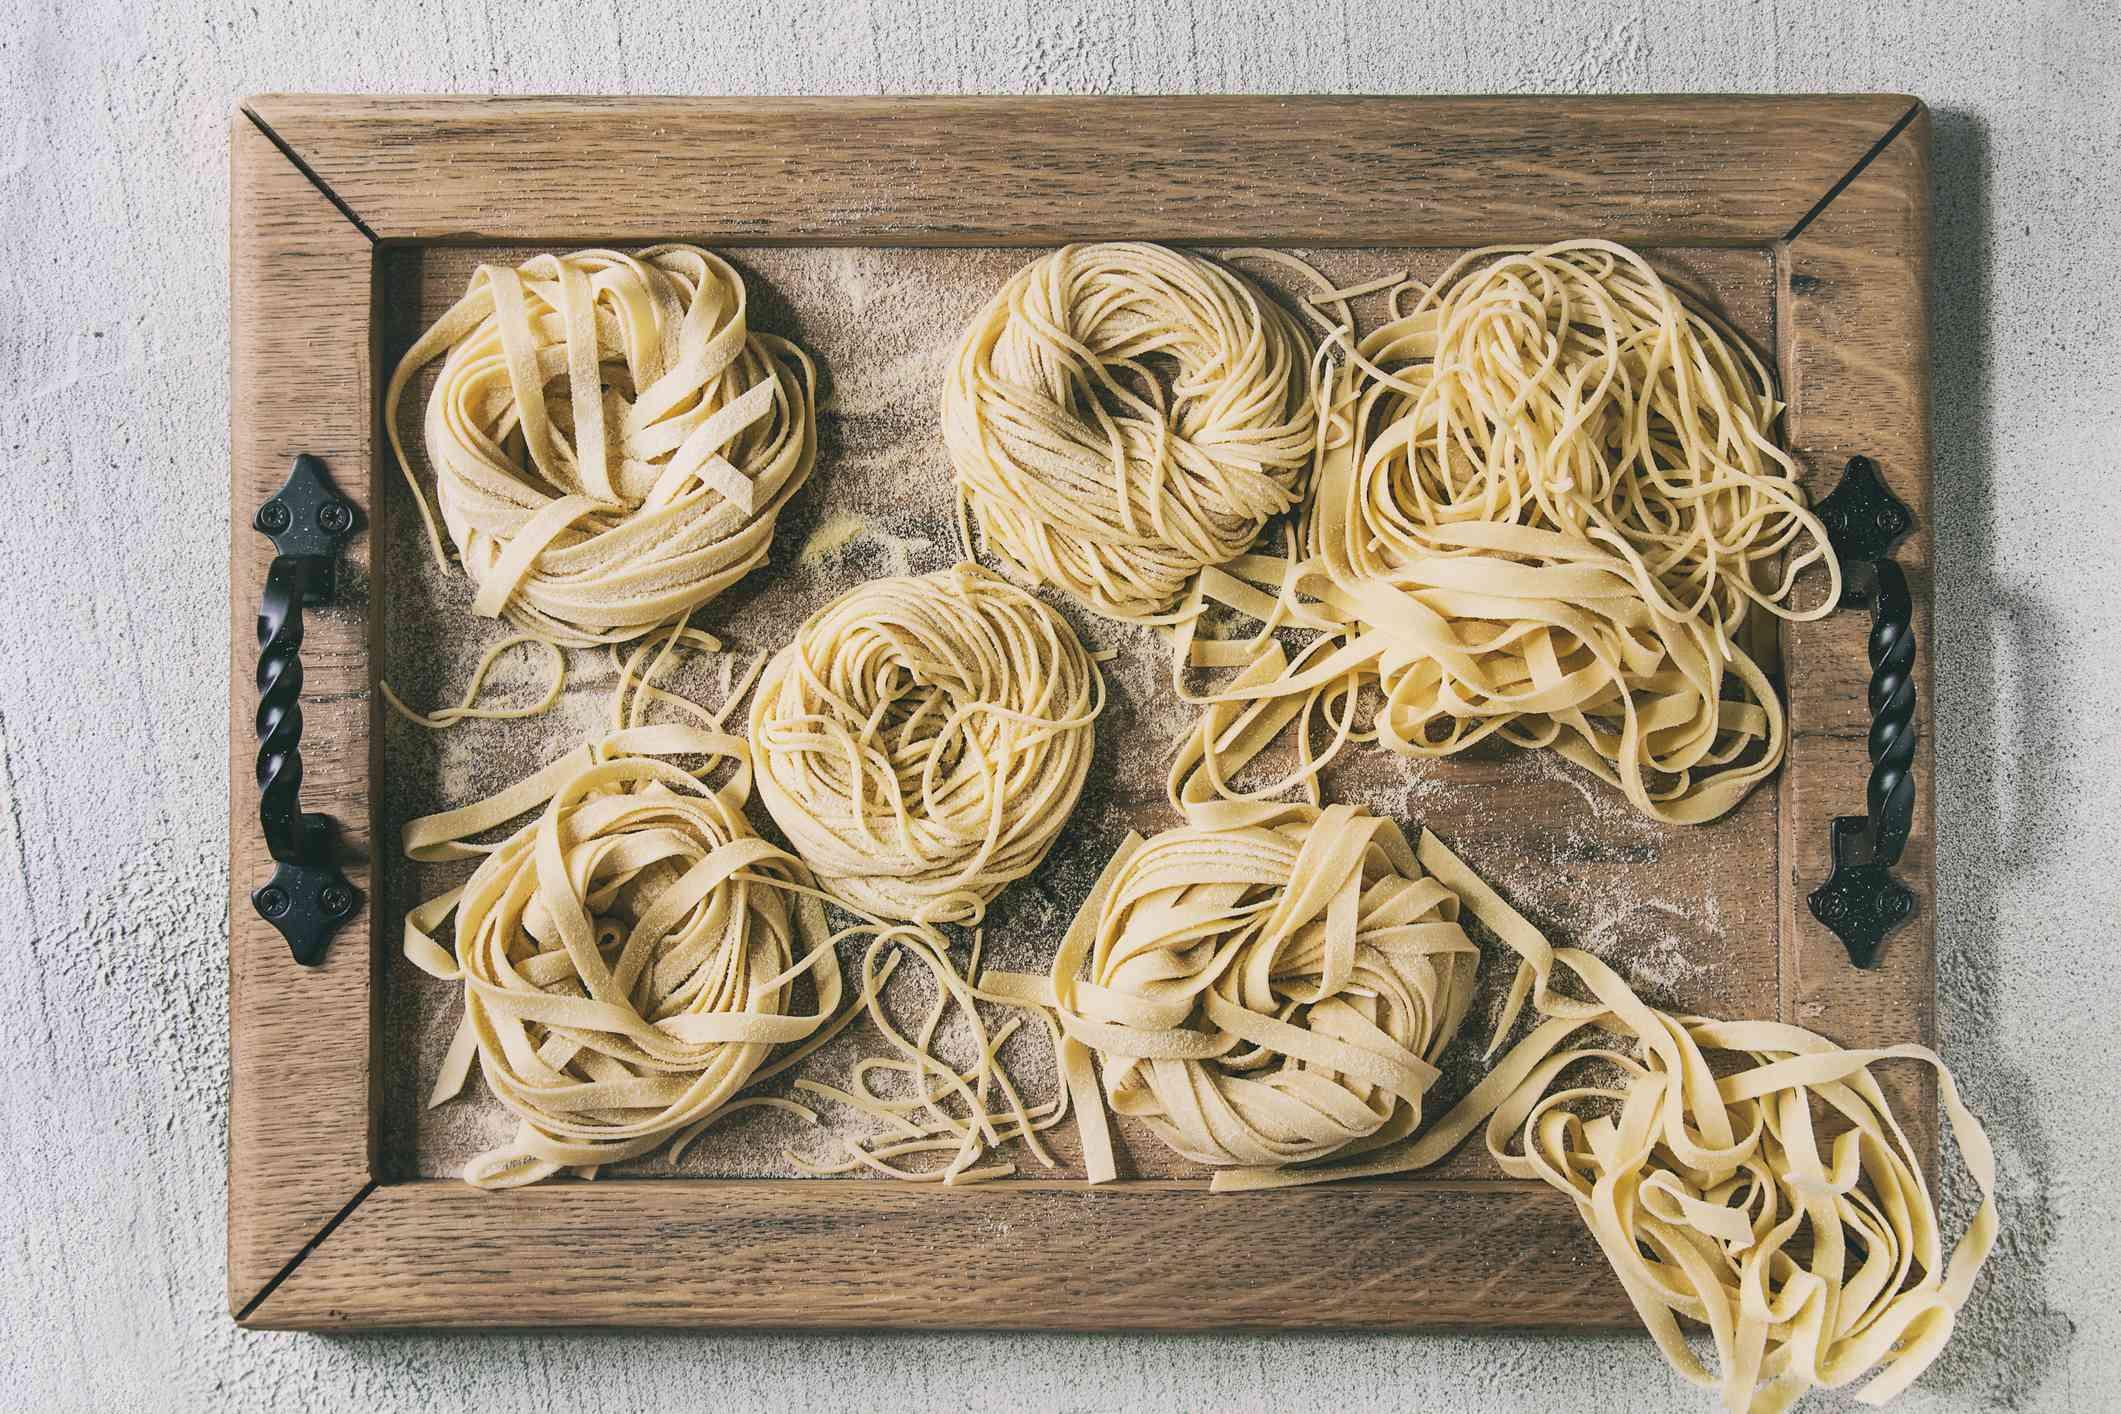 Nidos de pasta fresca y cruda de diferentes tamaños